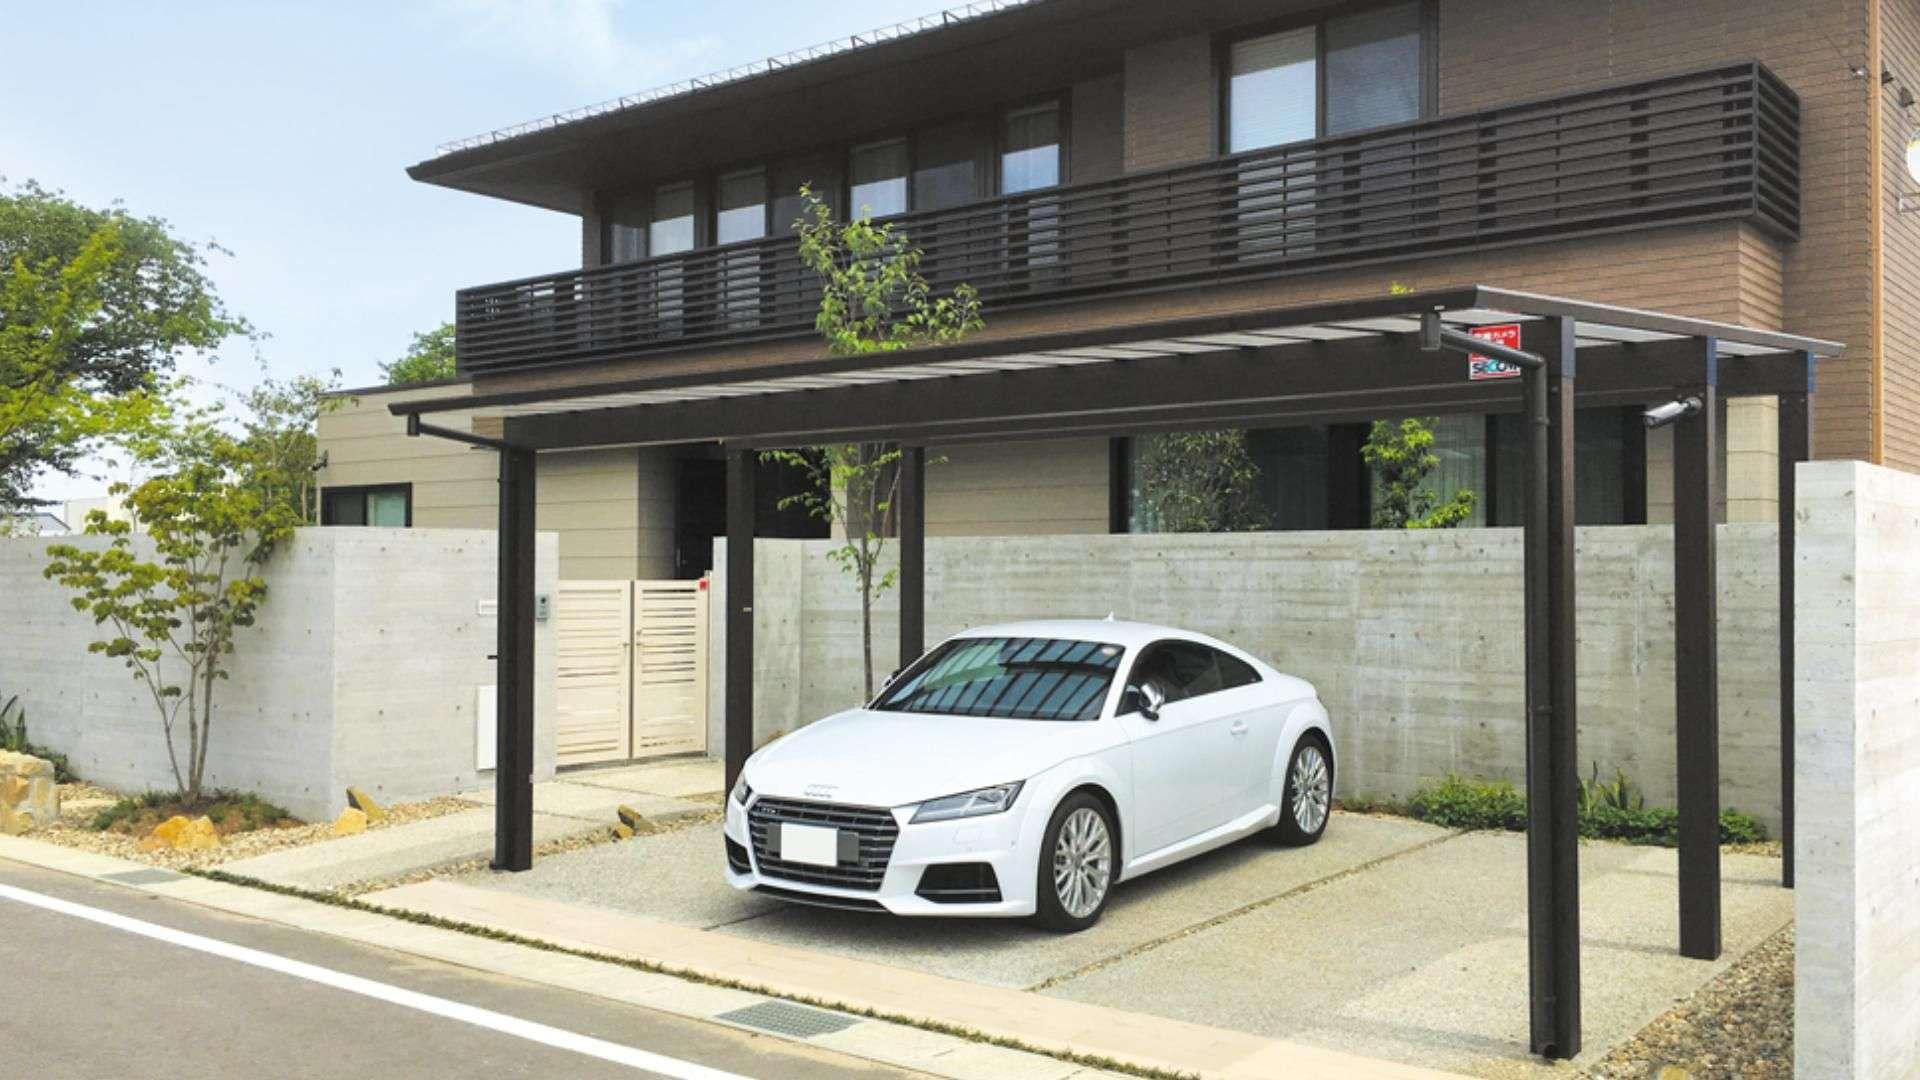 Auto unter einem Carport Artport auf dem Hof eines Wohnhauses